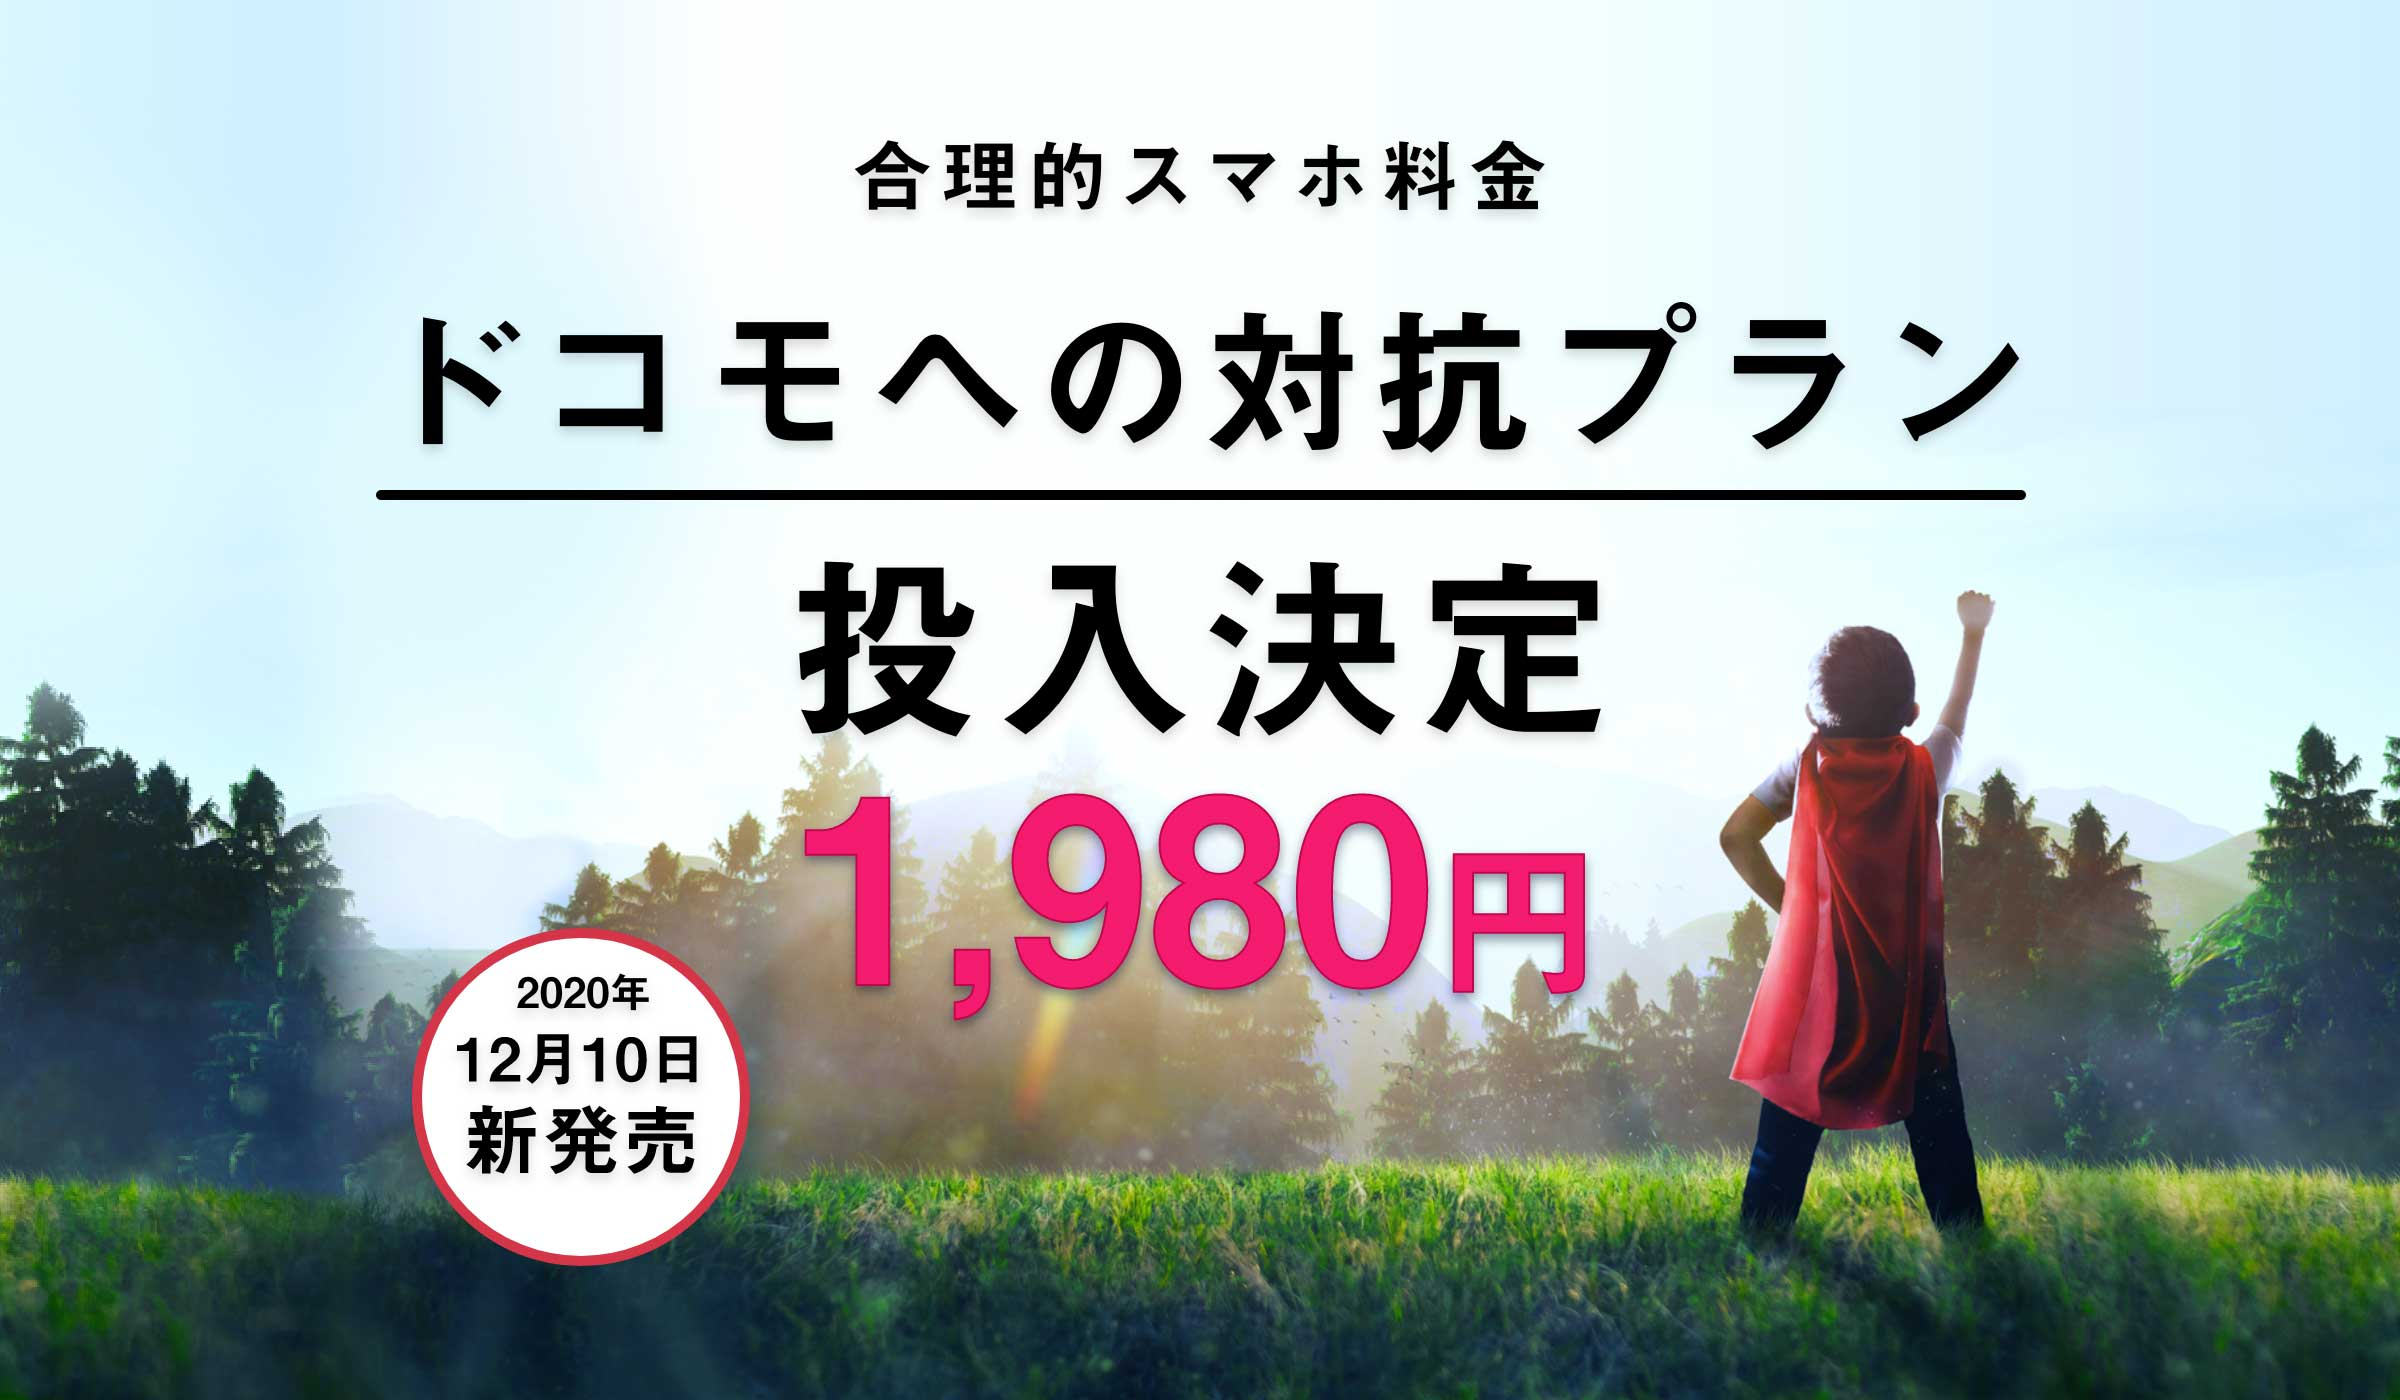 【6GB追加】日本通信がドコモのahamo対抗プラン(SSDプラン)を発表へ。16GB、月70分無料通話で1980円。ポンツーごときが本家に弓を引けると思ったか。20GB化は2/18~。